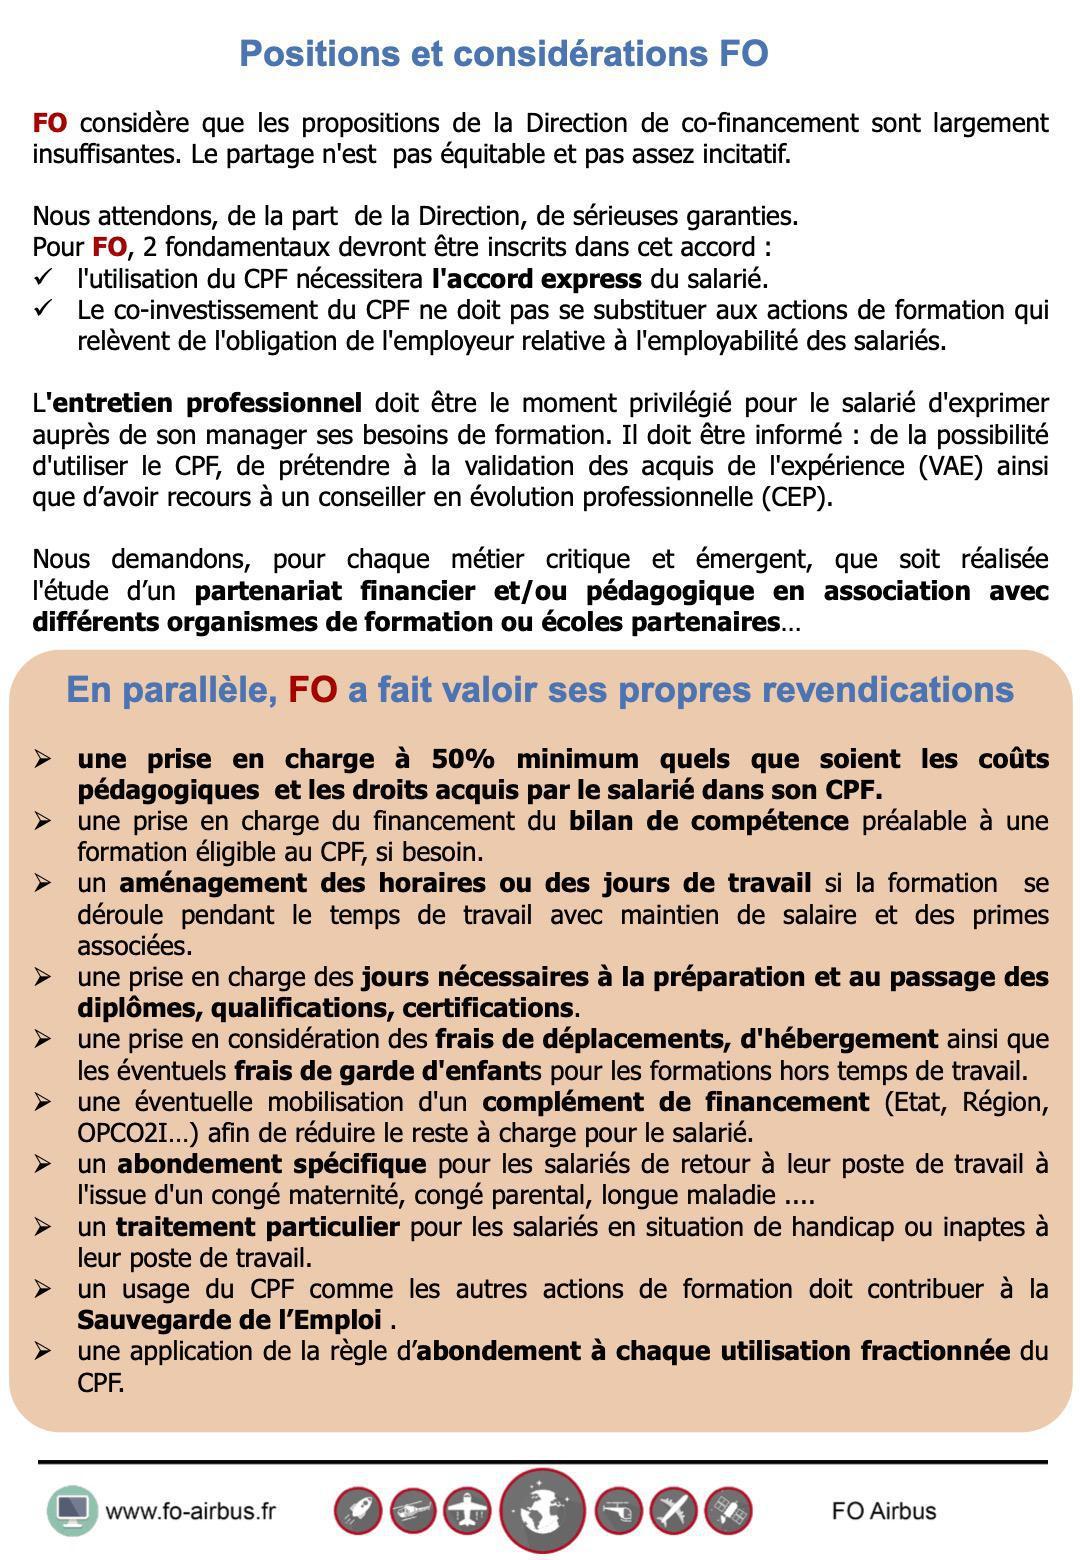 CPF : les propositions de co-investissement d'Airbus